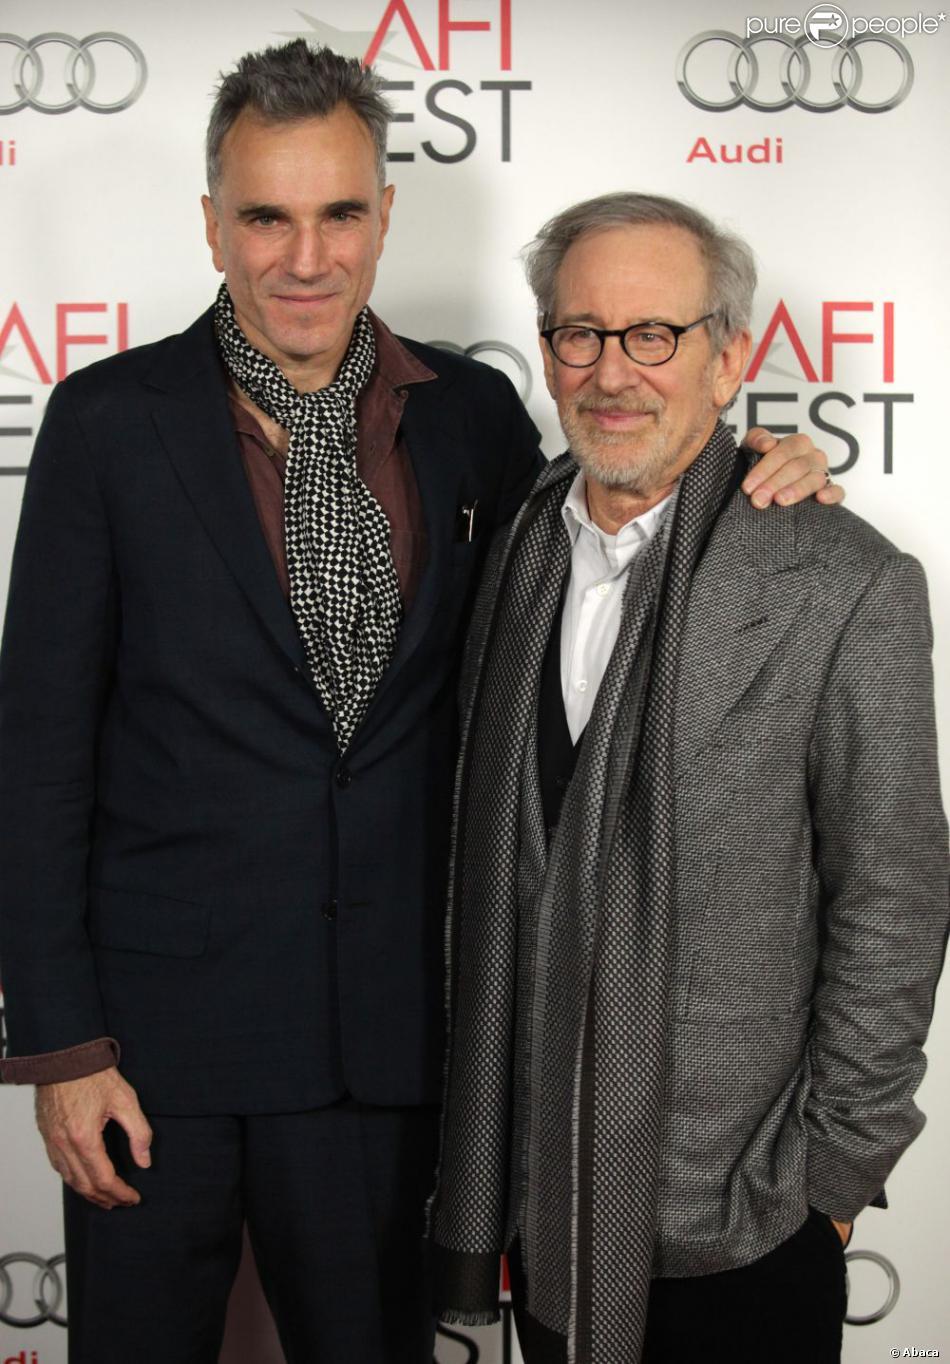 Daniel Day-Lewis et Steven Spielberg lors de la projection du film Lincoln, dans le cadre du festival de l'AFI à Los Angeles le 8 novembre 2012